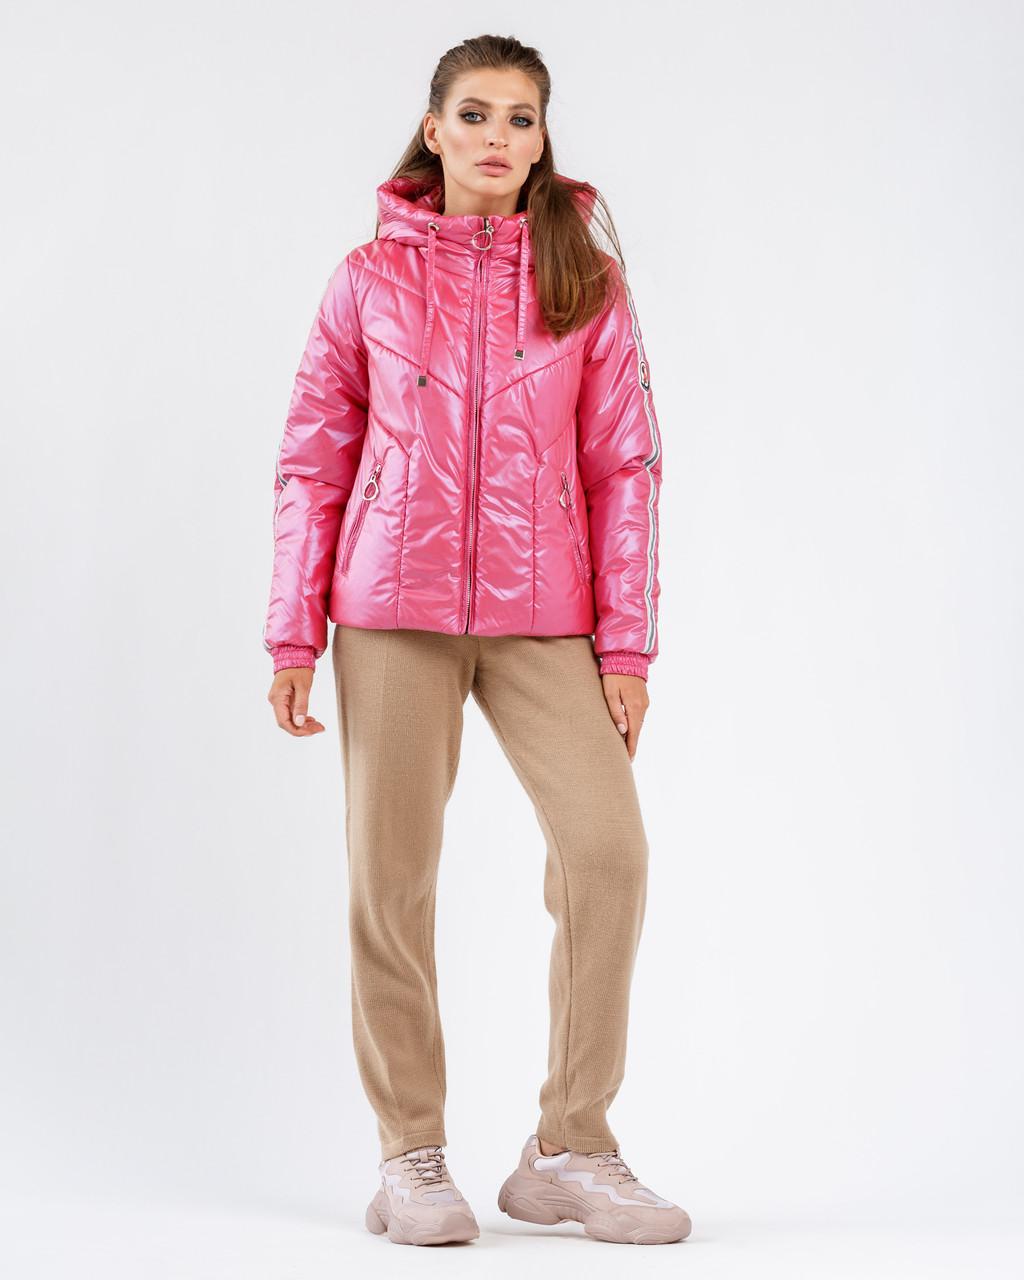 Модная куртка перламутр 42-54  Весна 2020